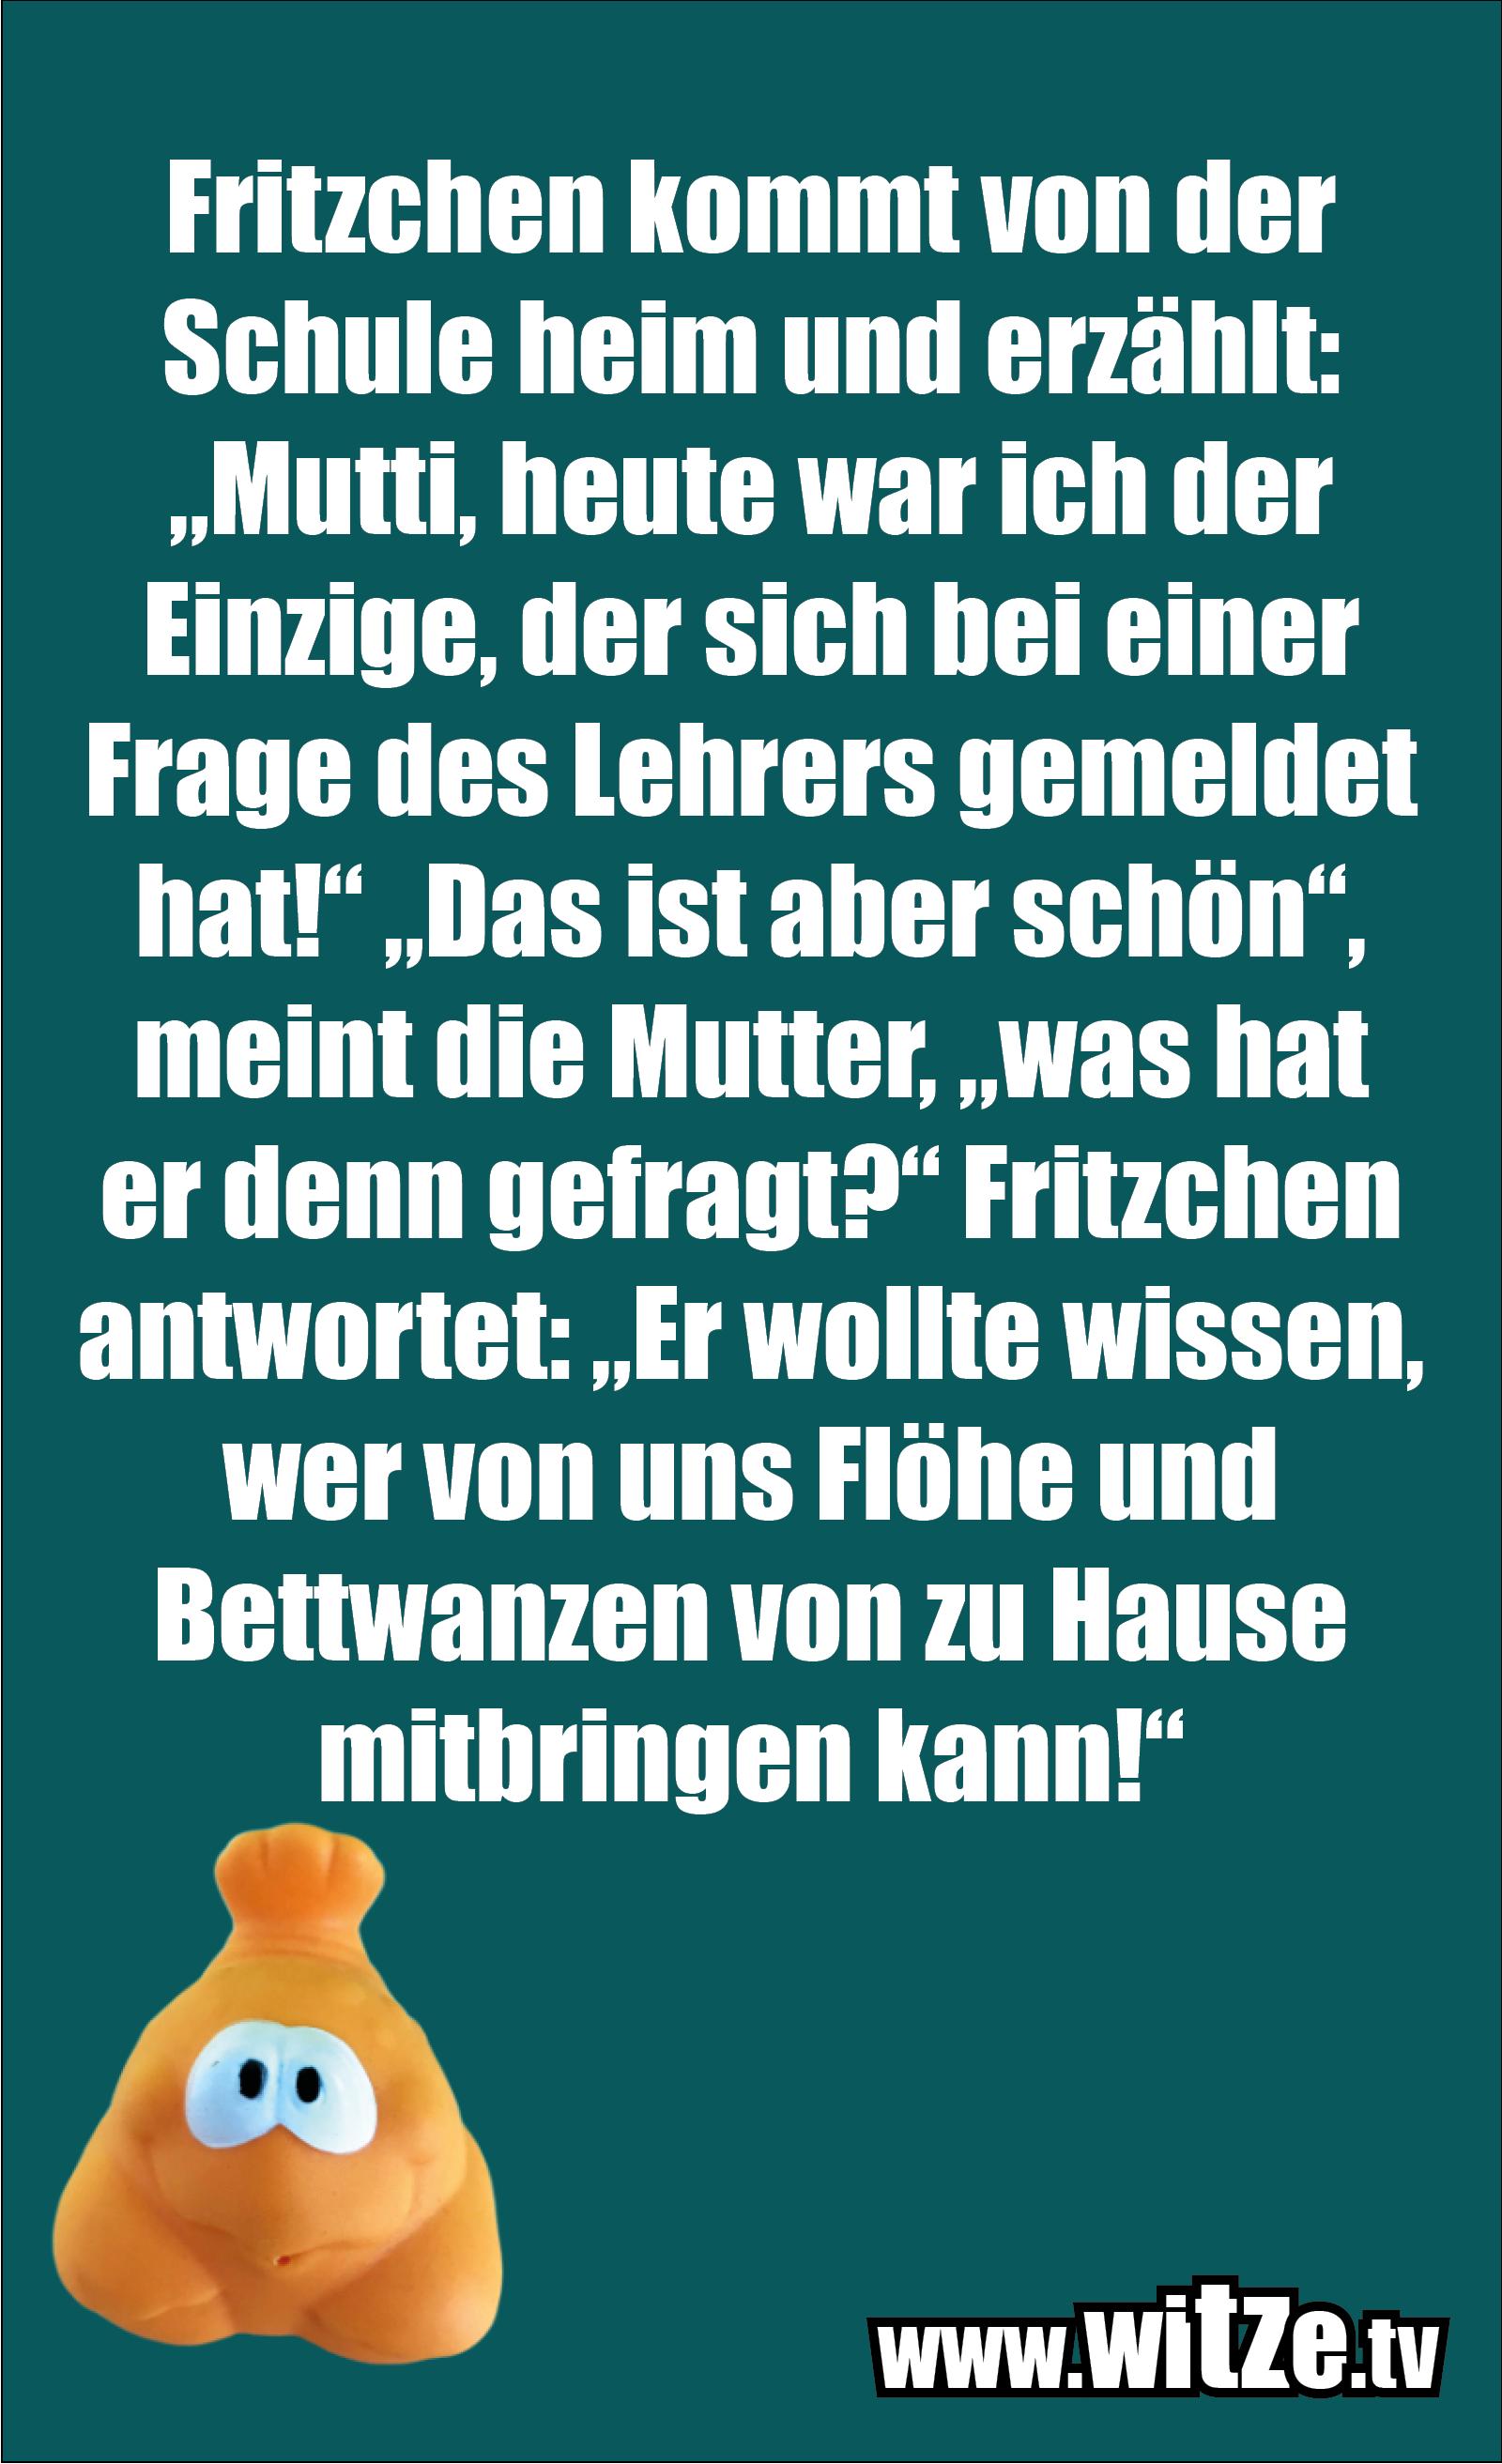 Hammer Gag... Fritzchen kommt von der Schule...